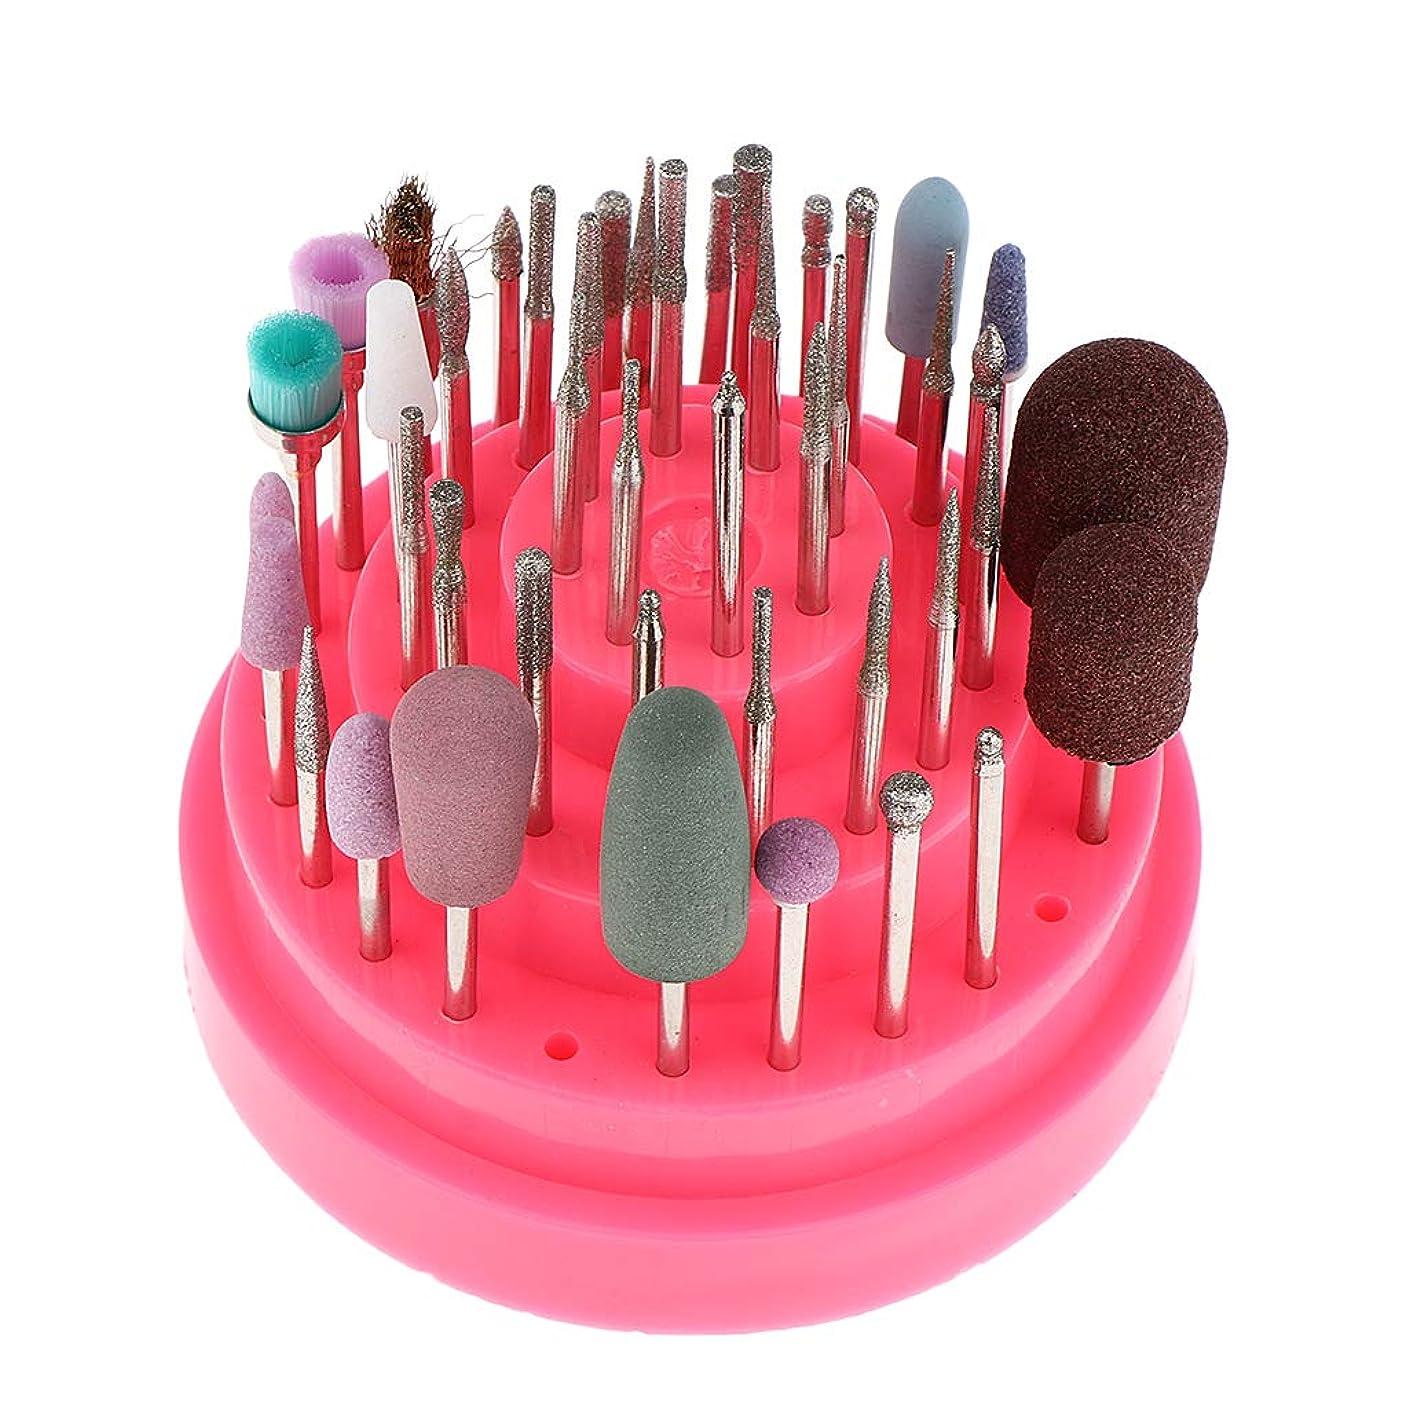 はっきりと消去露骨なF Fityle ネイル研削ヘッド ネイルドリルビットセット ネイルアートツール ネイル道具 全2色 - ピンク